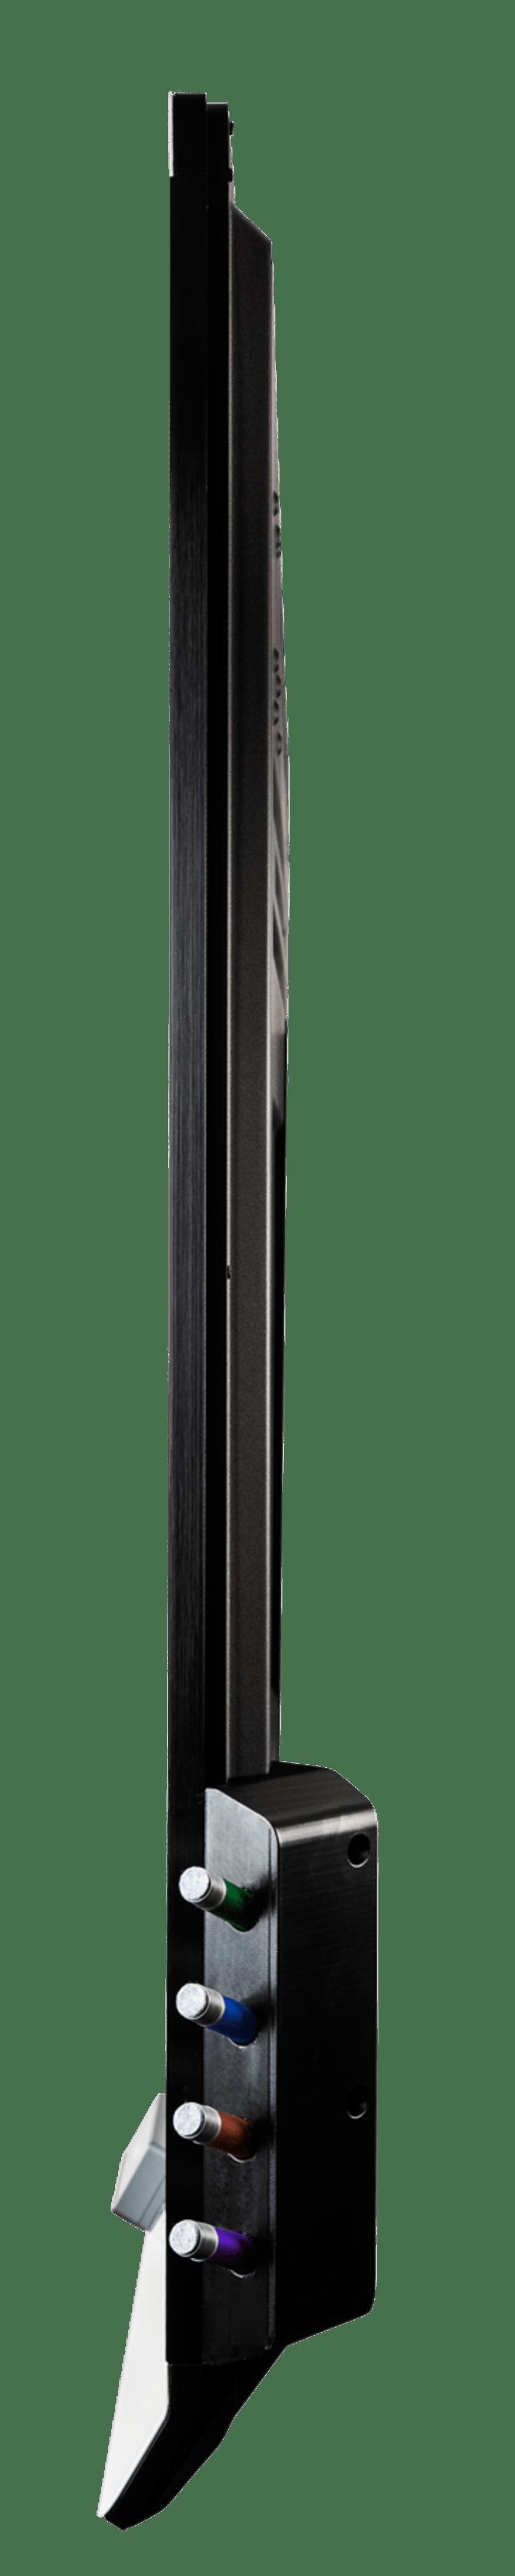 SMART Board 6000S-side-6pens-closeup-3678